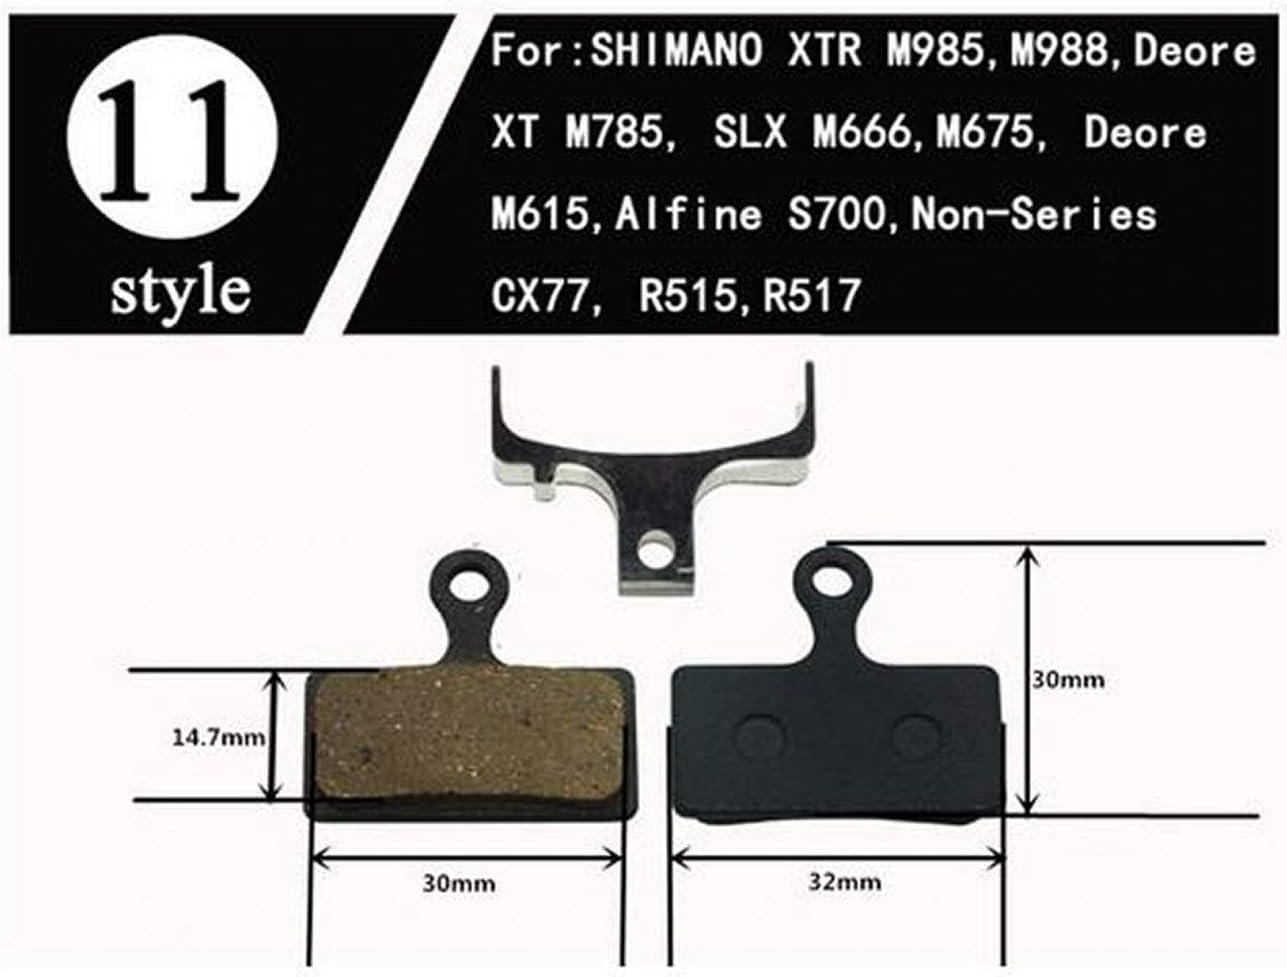 TR M785 2 coppie Pastiglie freno a disco idrauliche per mountain bike PER Shimano Deore M988 M985 XT Deore M615 Alfine S700 Pastiglie dei freni Pastiglie dei dischi SLX M666 M675